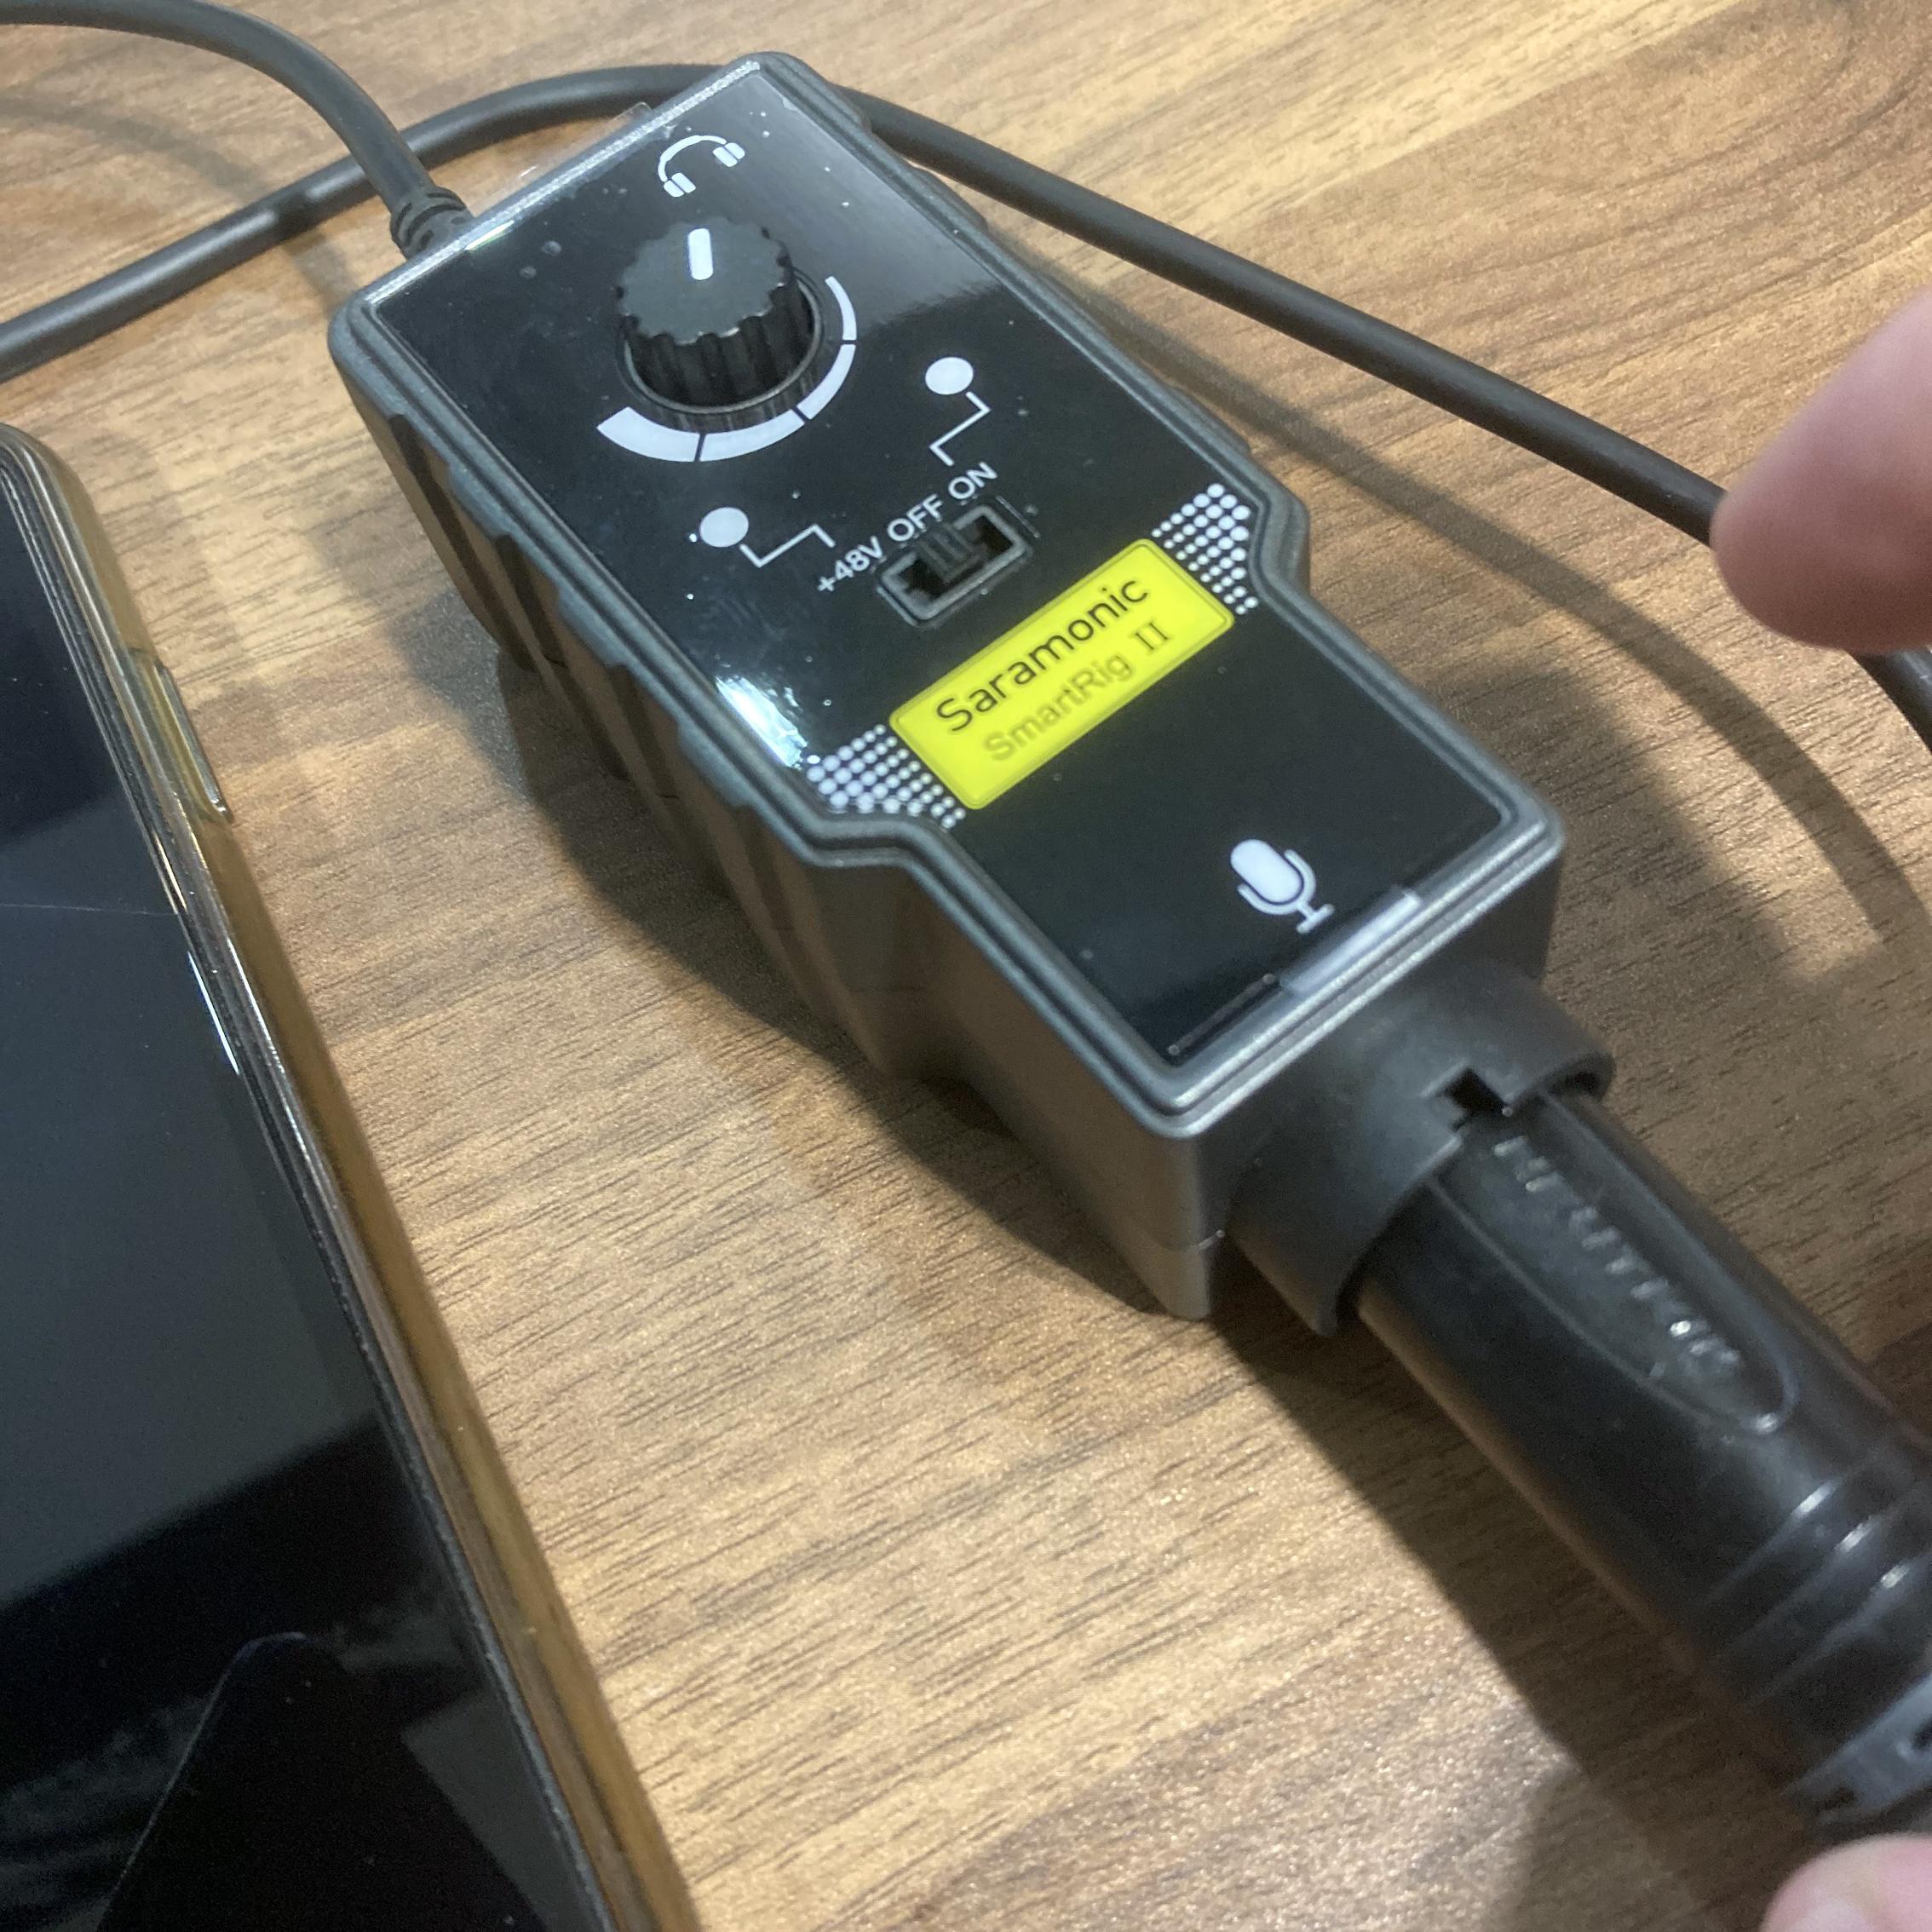 Saramonic SmartRig II Pokekara 使ってみた検証 接続イメージ